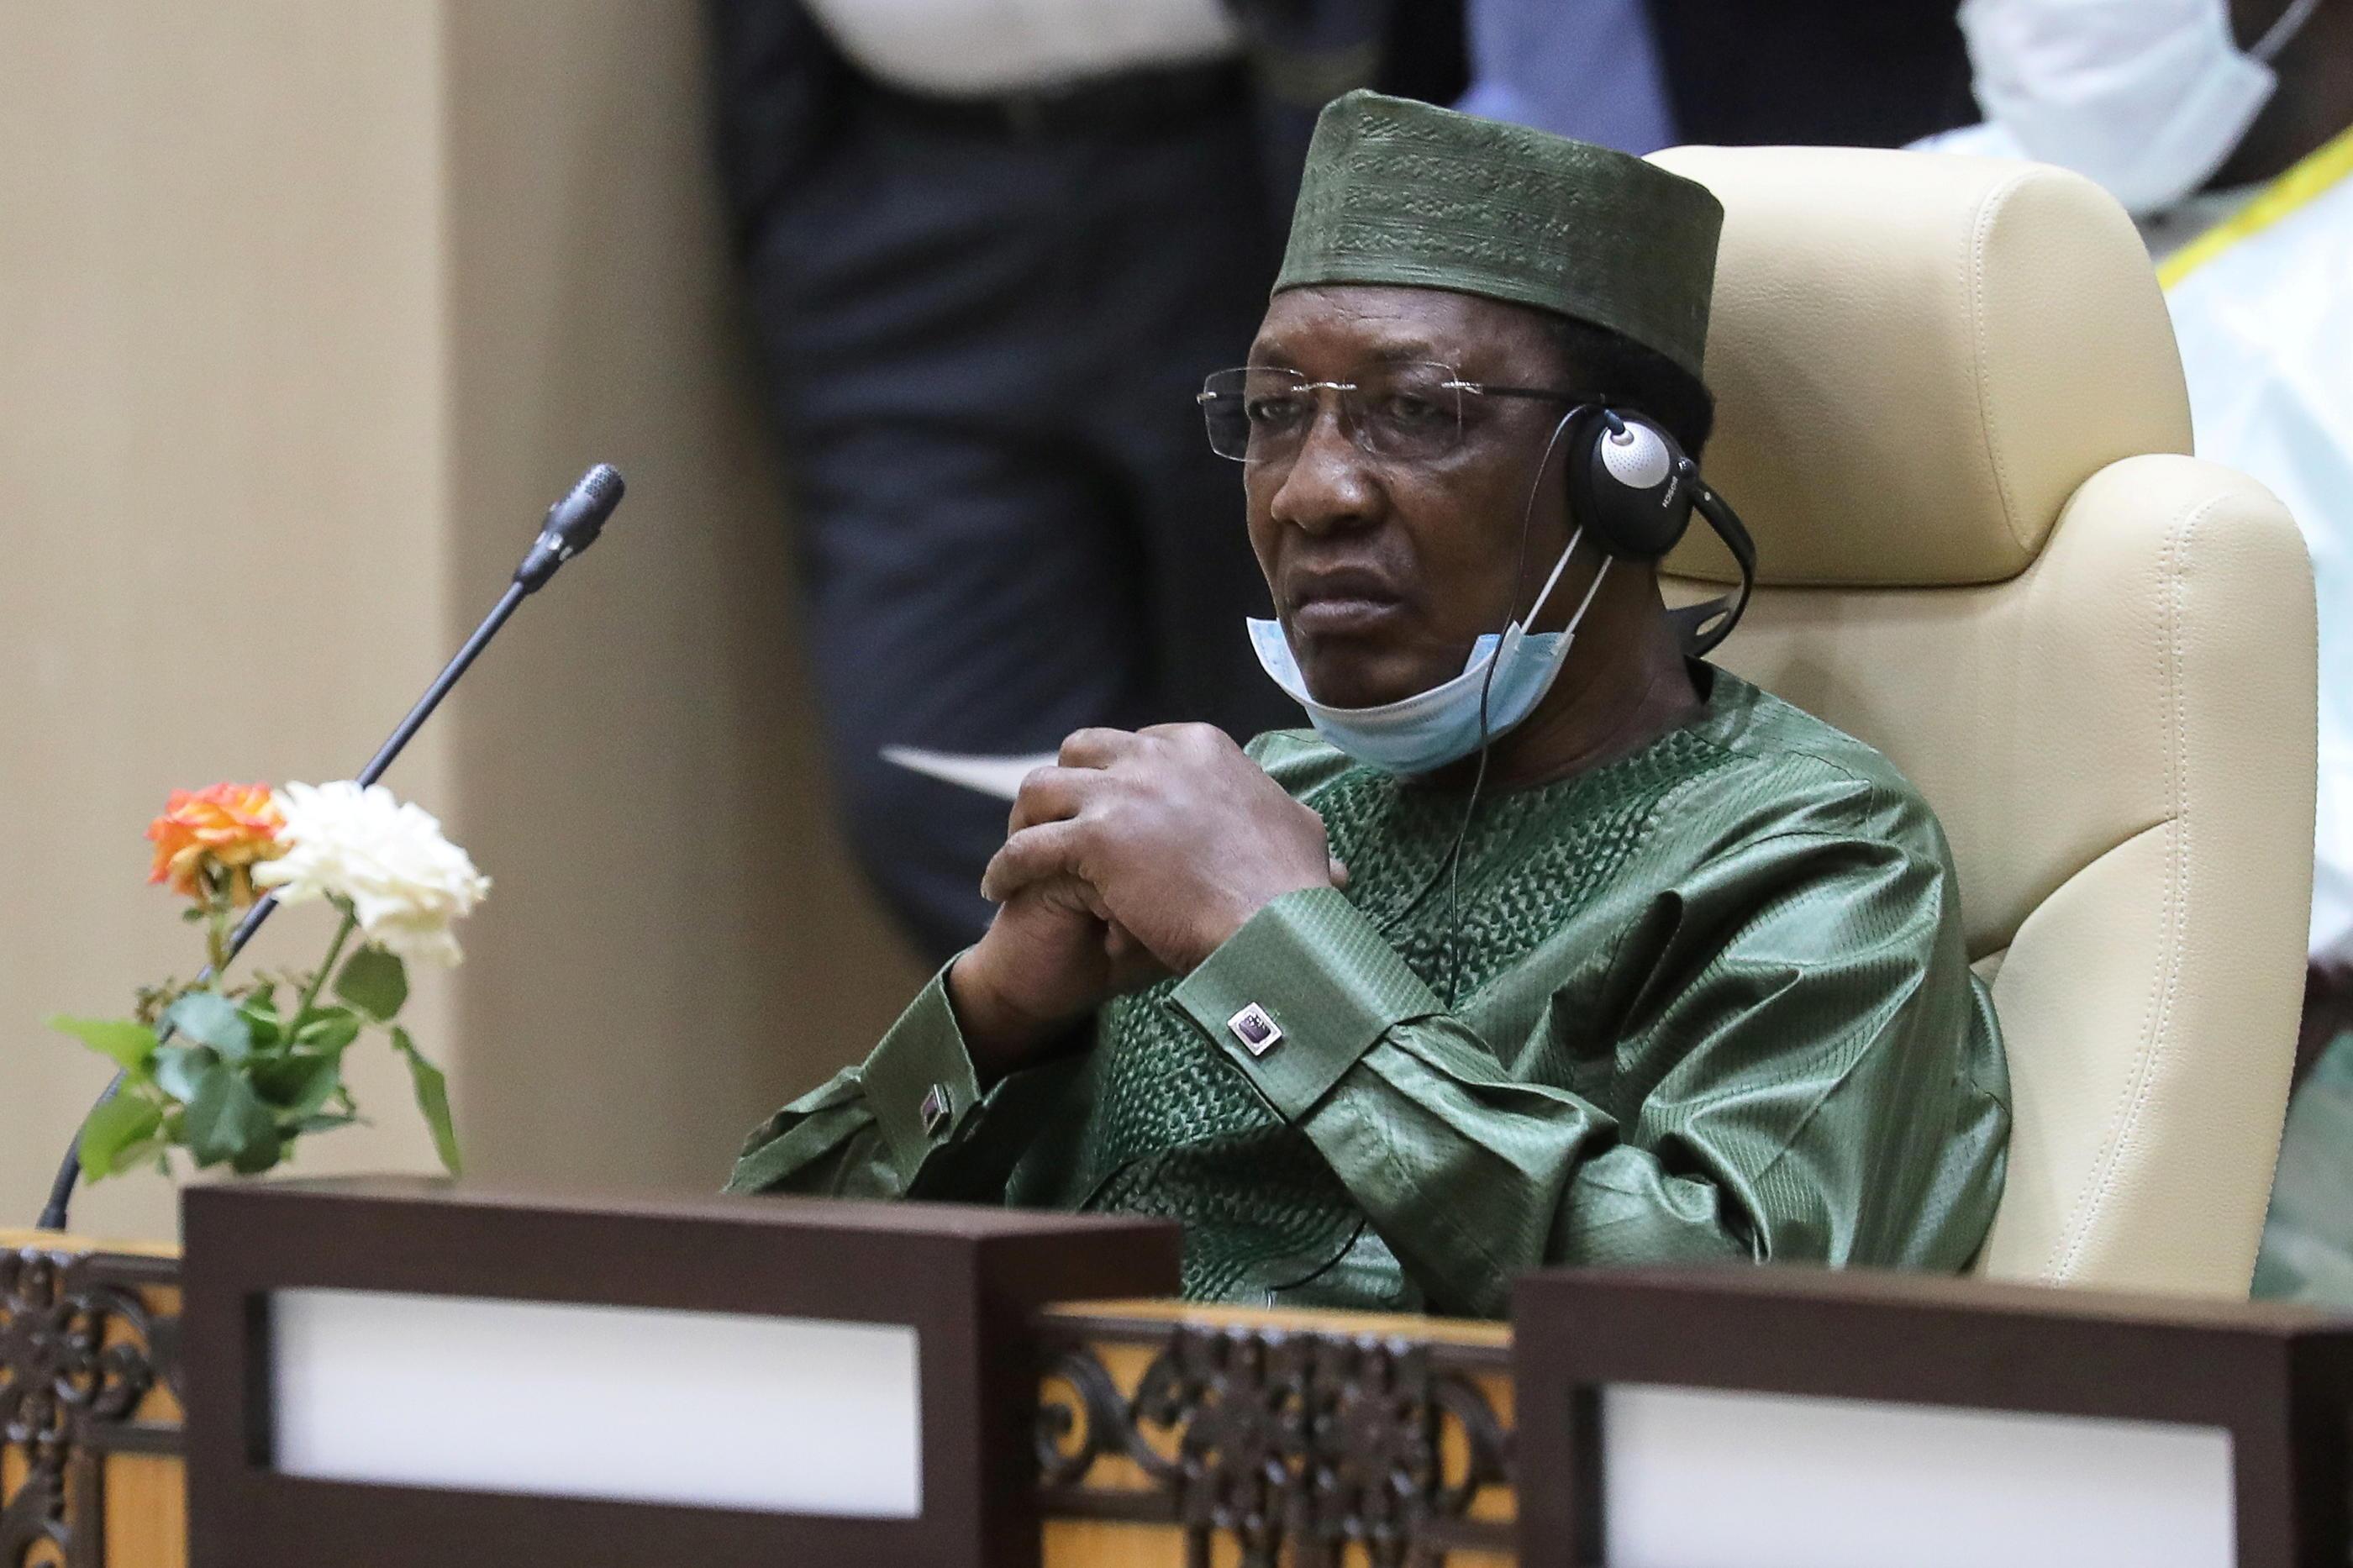 Le président tchadien Idriss Déby est mort de blessures infligées en première ligne, annonce l'armée